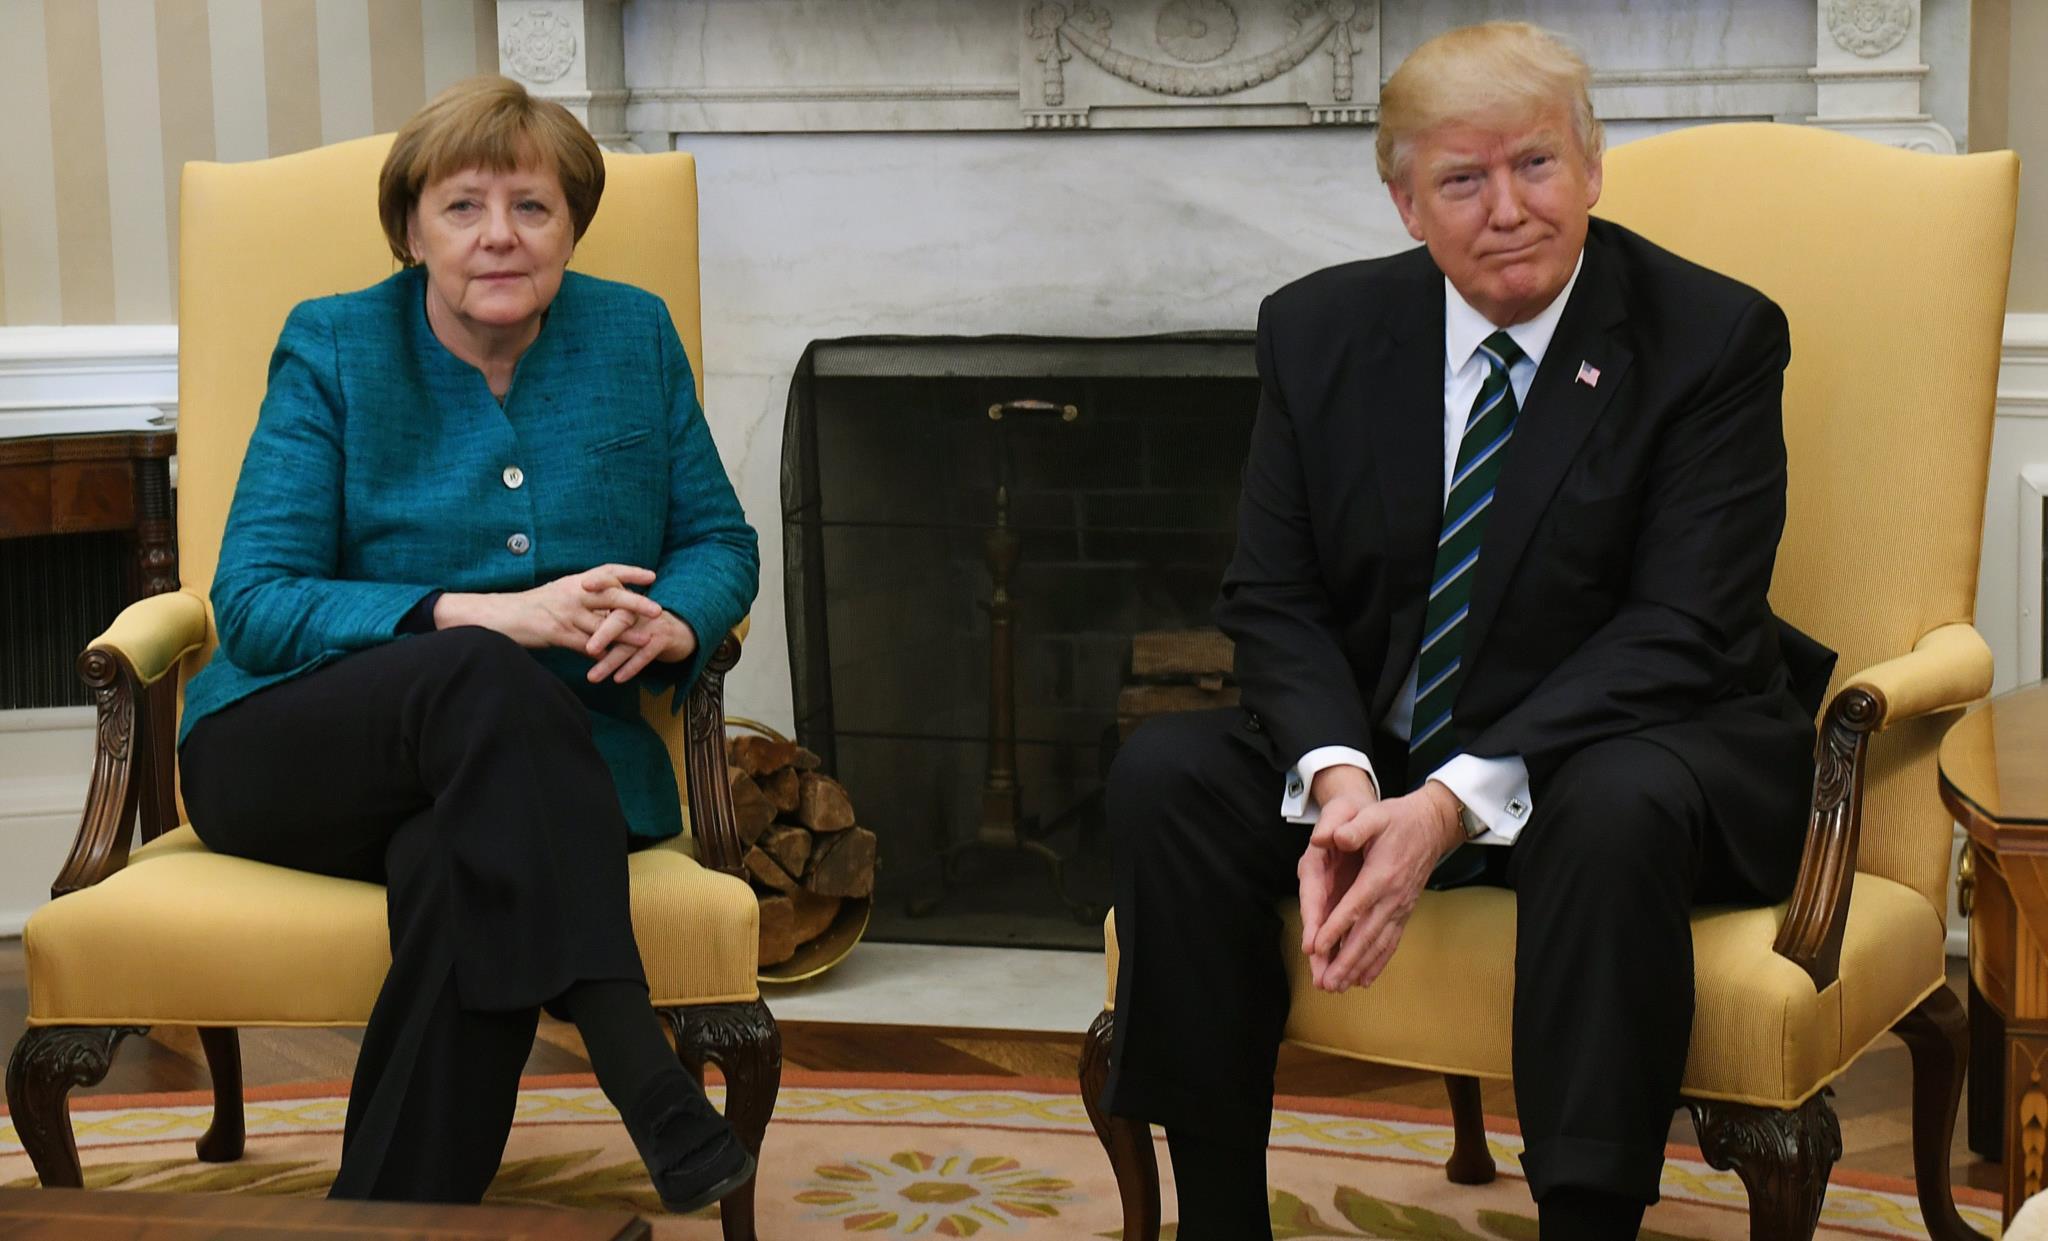 O embaraçoso momento em que, perante a insistência dos jornalistas e a disponibilidade de Angela Merkel, Donald Trump recusou um aperto de mão.